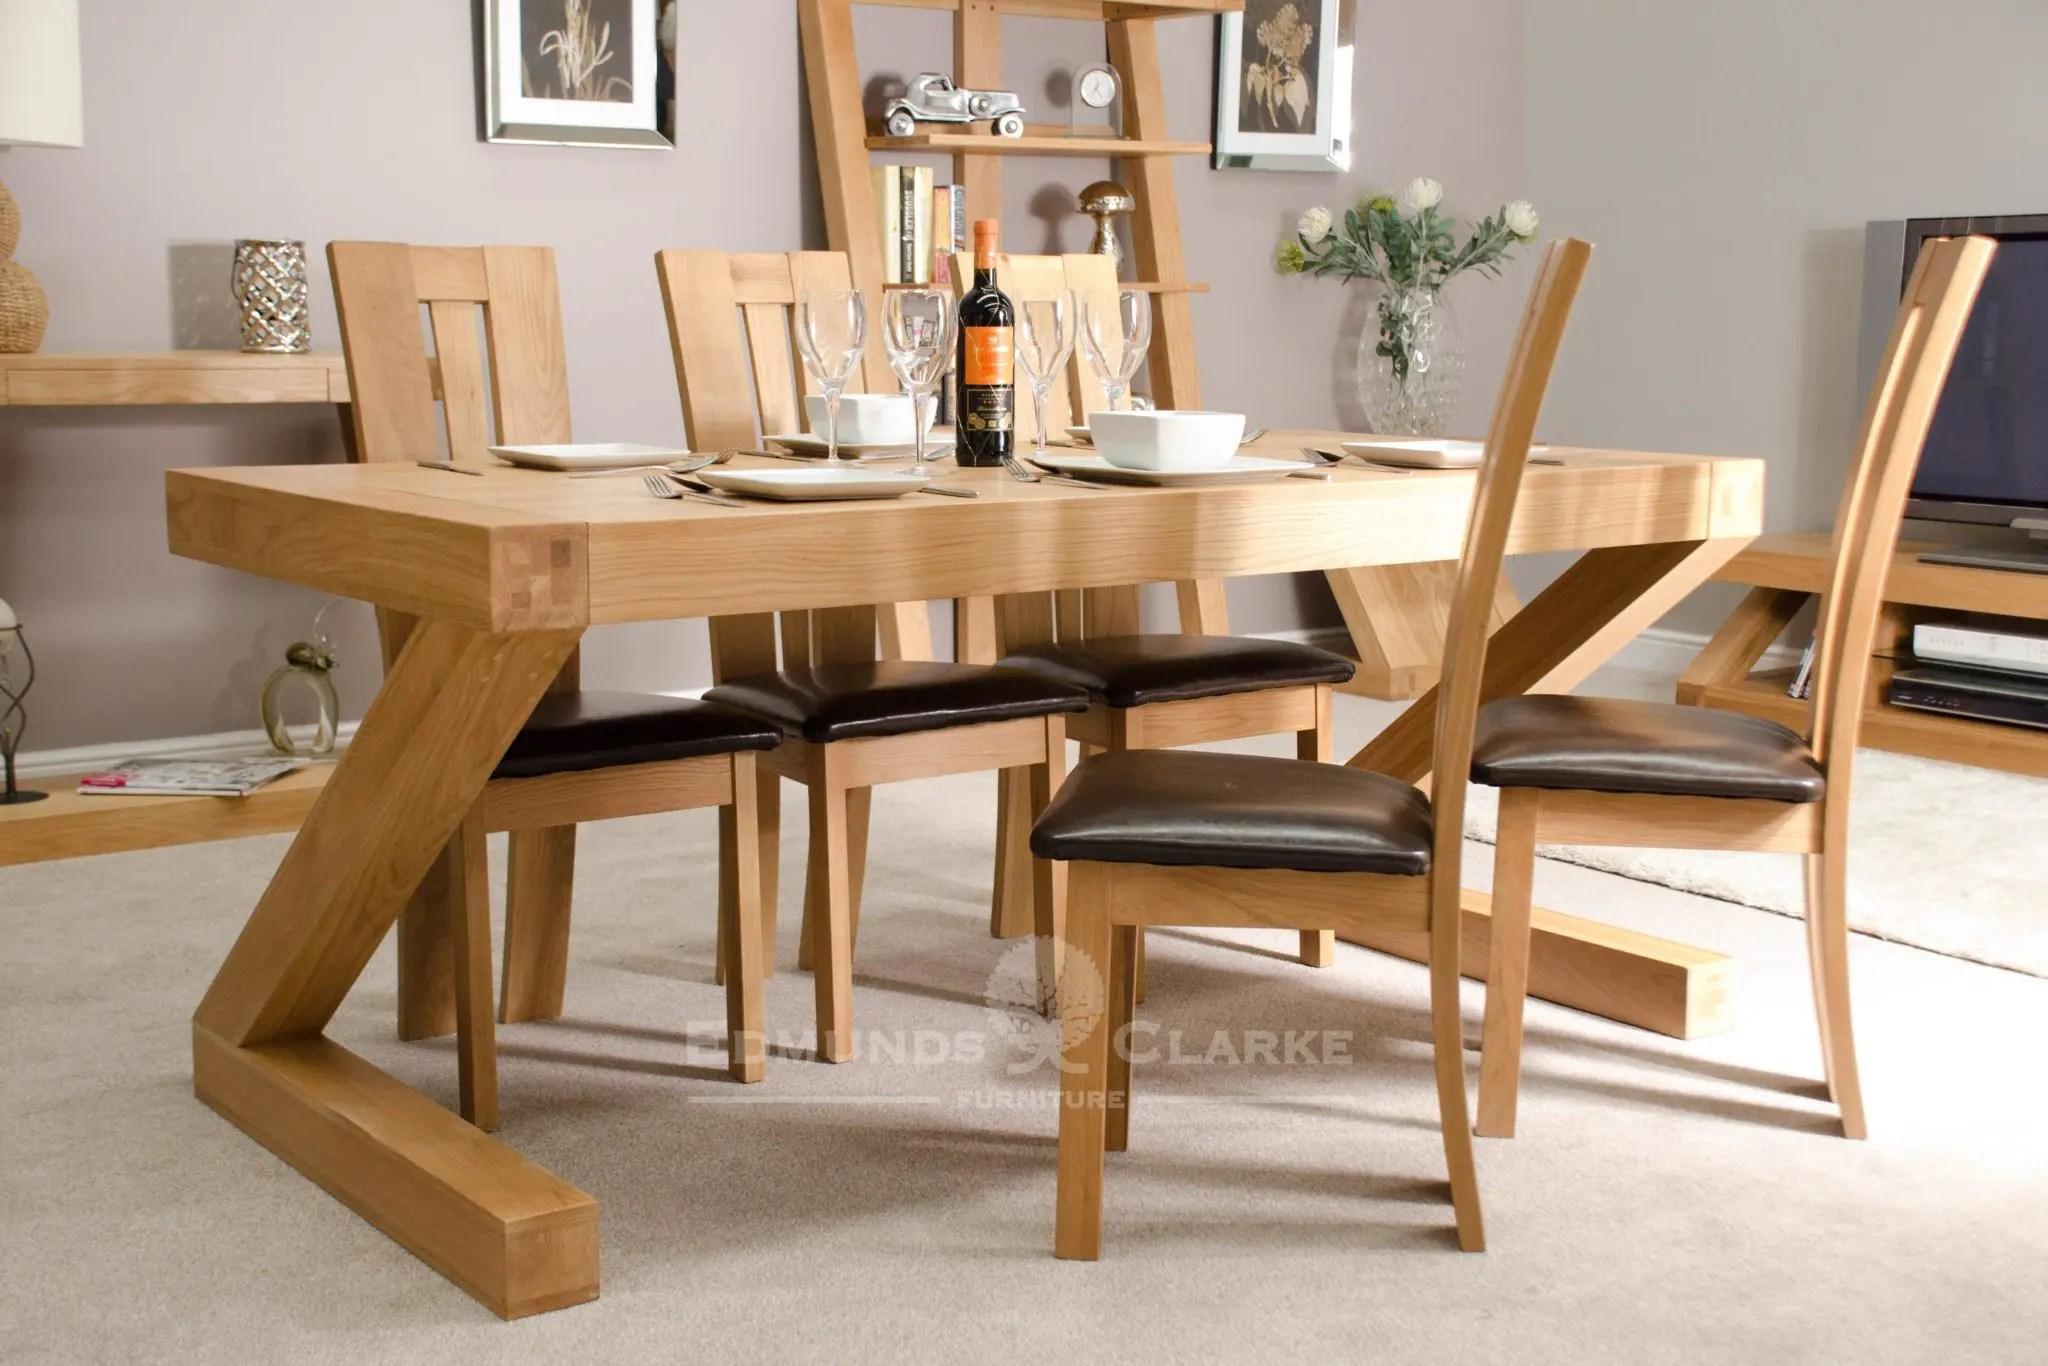 Edmunds and Clarke Furniture & Z Designer Solid Oak Large Dining Table